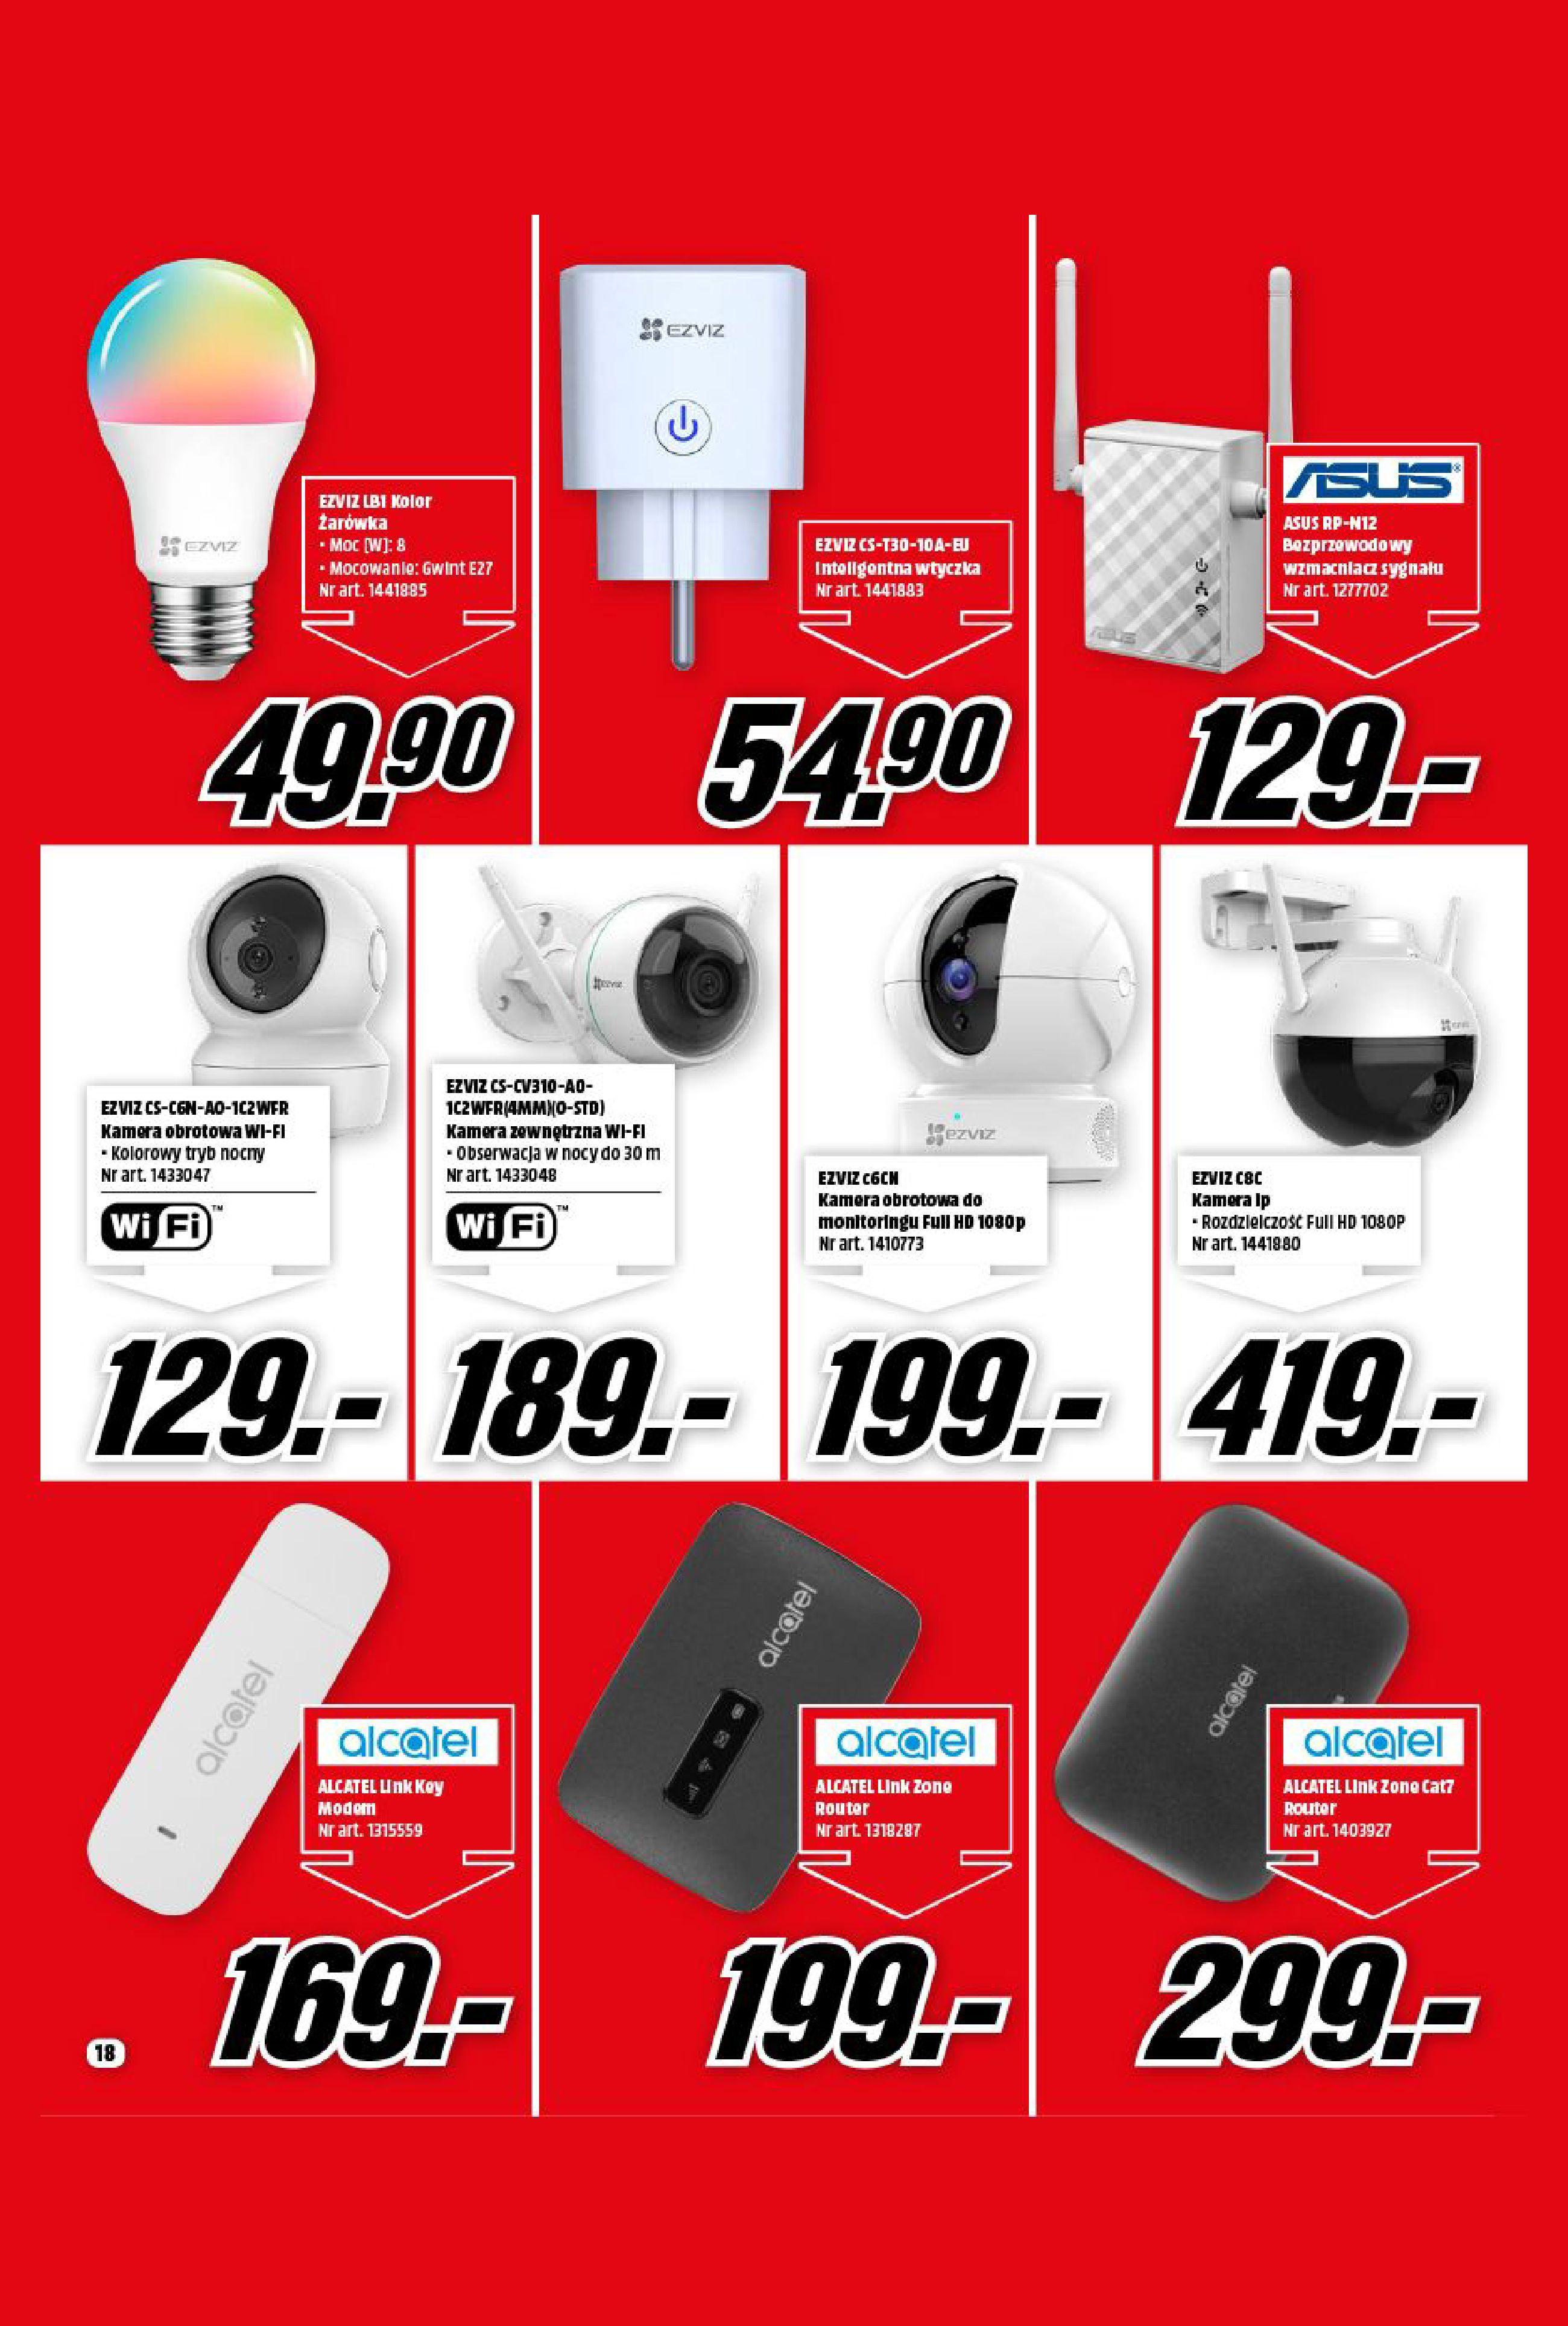 Gazetka Media Markt: Gazetka Media Markt - Wrzesień 2021 2021-09-09 page-18